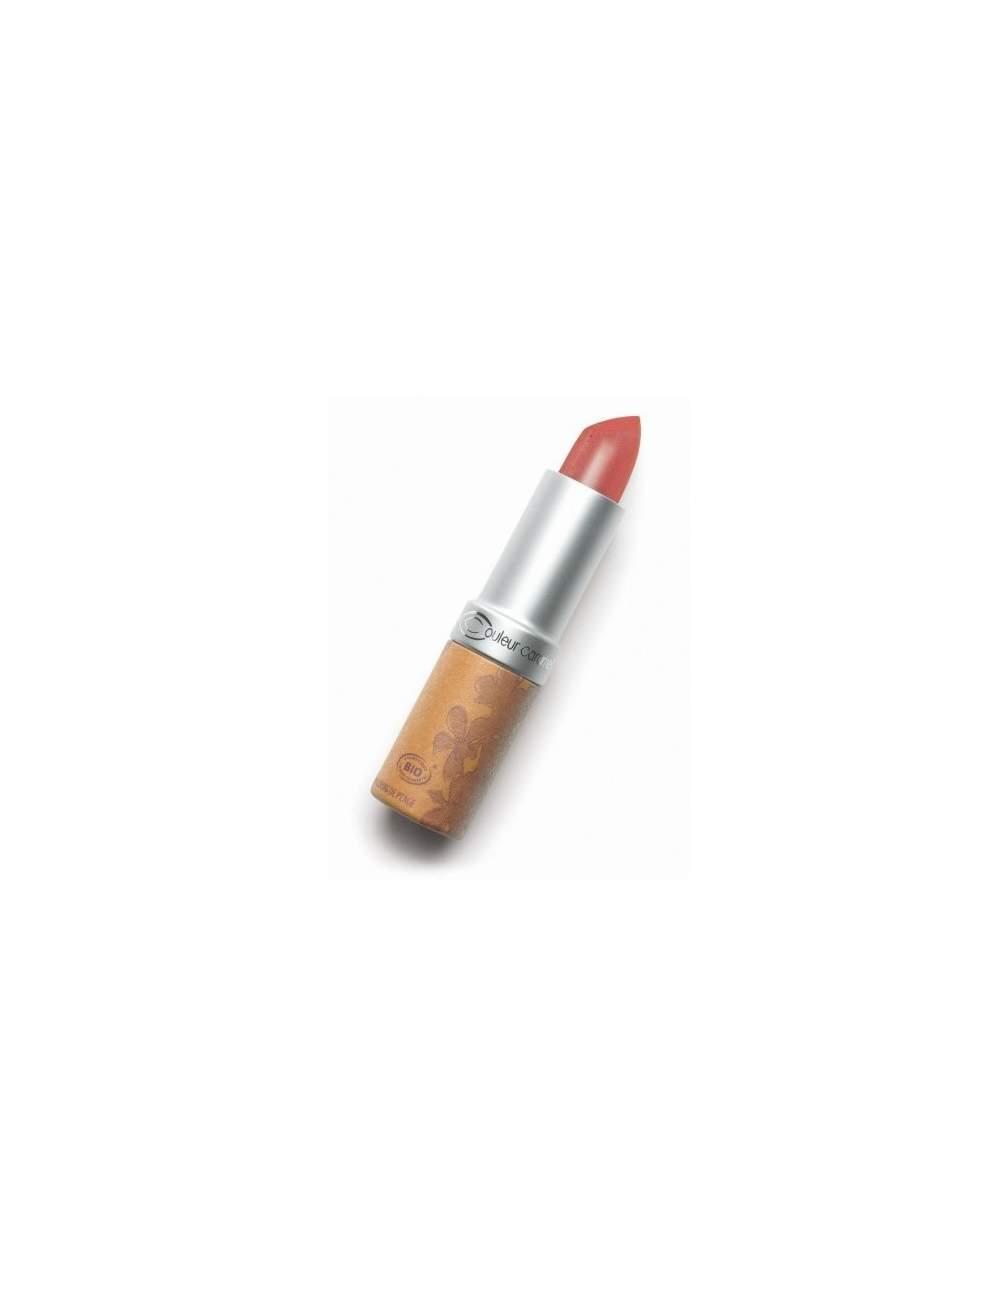 Rouge à Lèvres Bio Nacrée 224 Rust Brown. Couleur Caramel